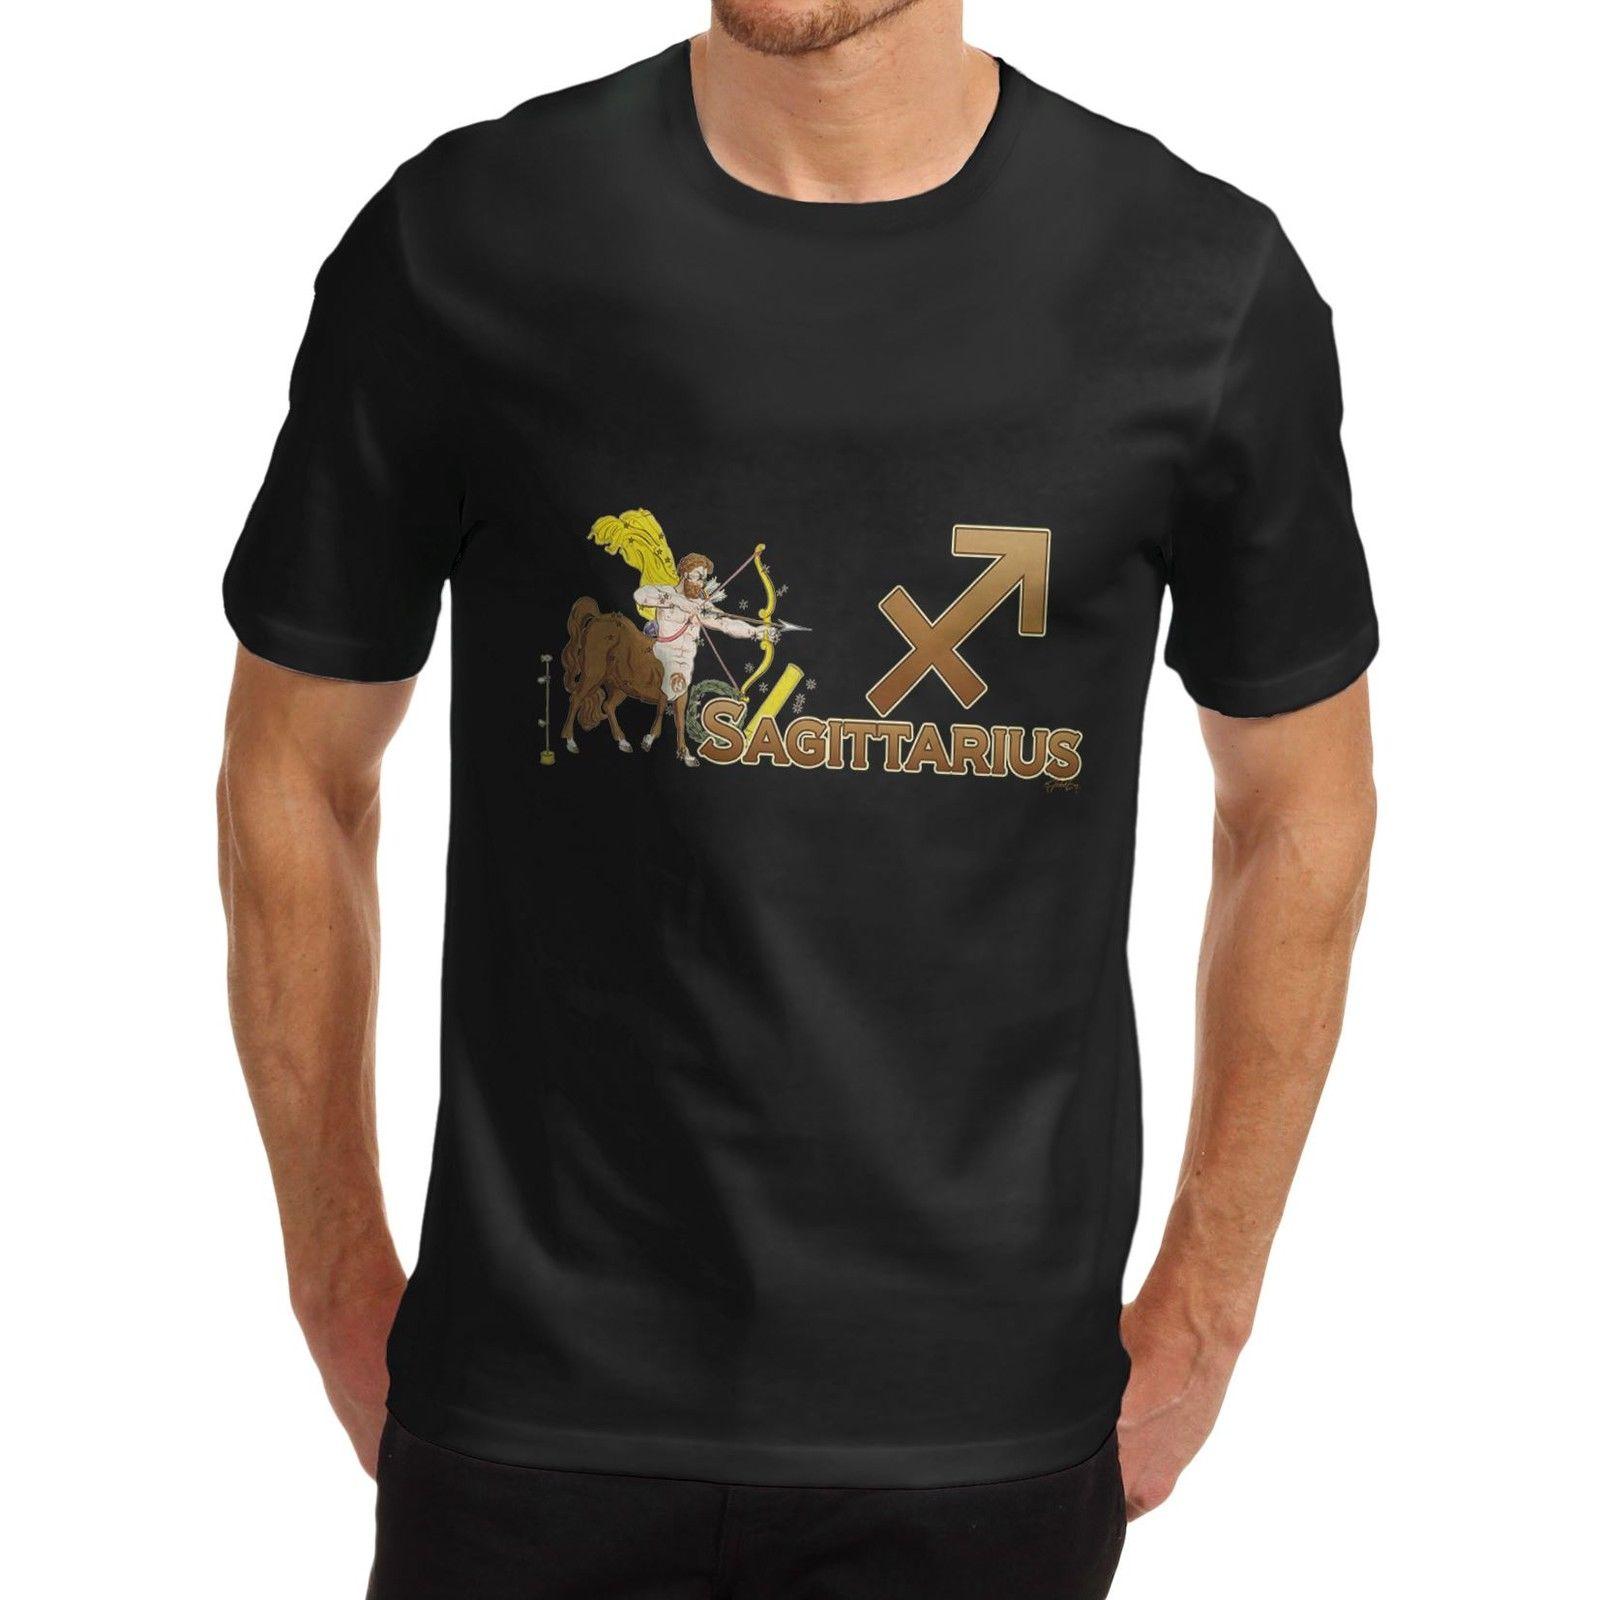 Zodíaco Sagitario para hombres, signo astrológico novedoso, camiseta 3D para hombres, camiseta barata caliente de manga corta para hombre, moda 2018